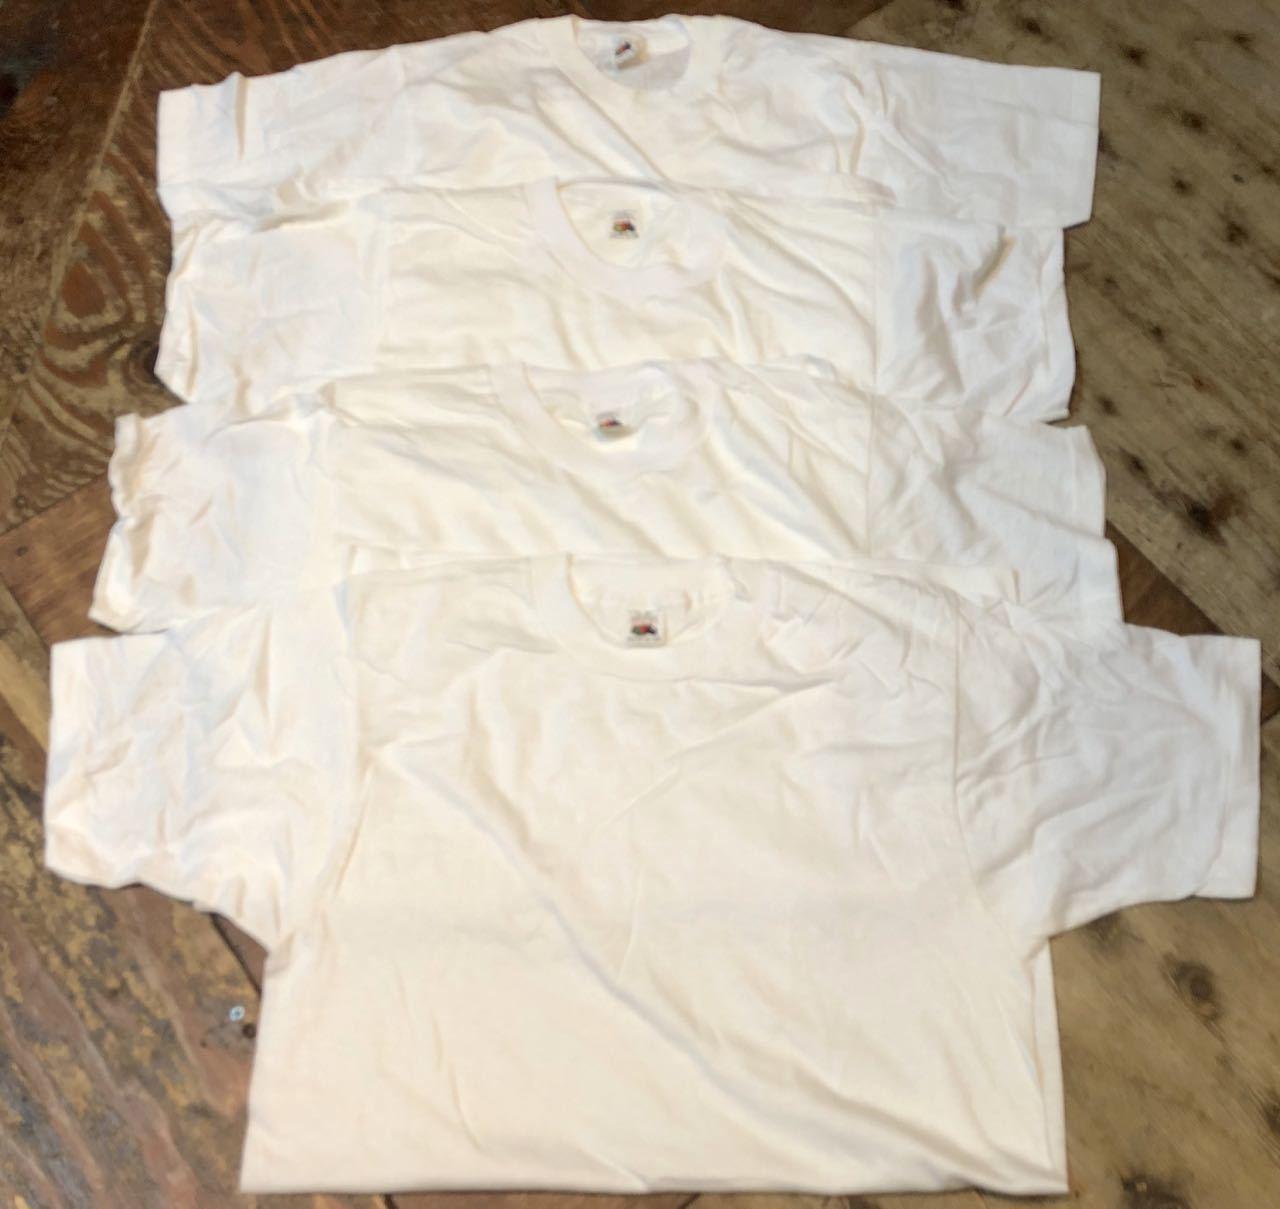 8月9日(日)入荷!80s デッドストック #1 MADE IN U.S.A fruits of the loom フルーツ オブ ザ ルーム Tシャツ!_c0144020_15405985.jpg